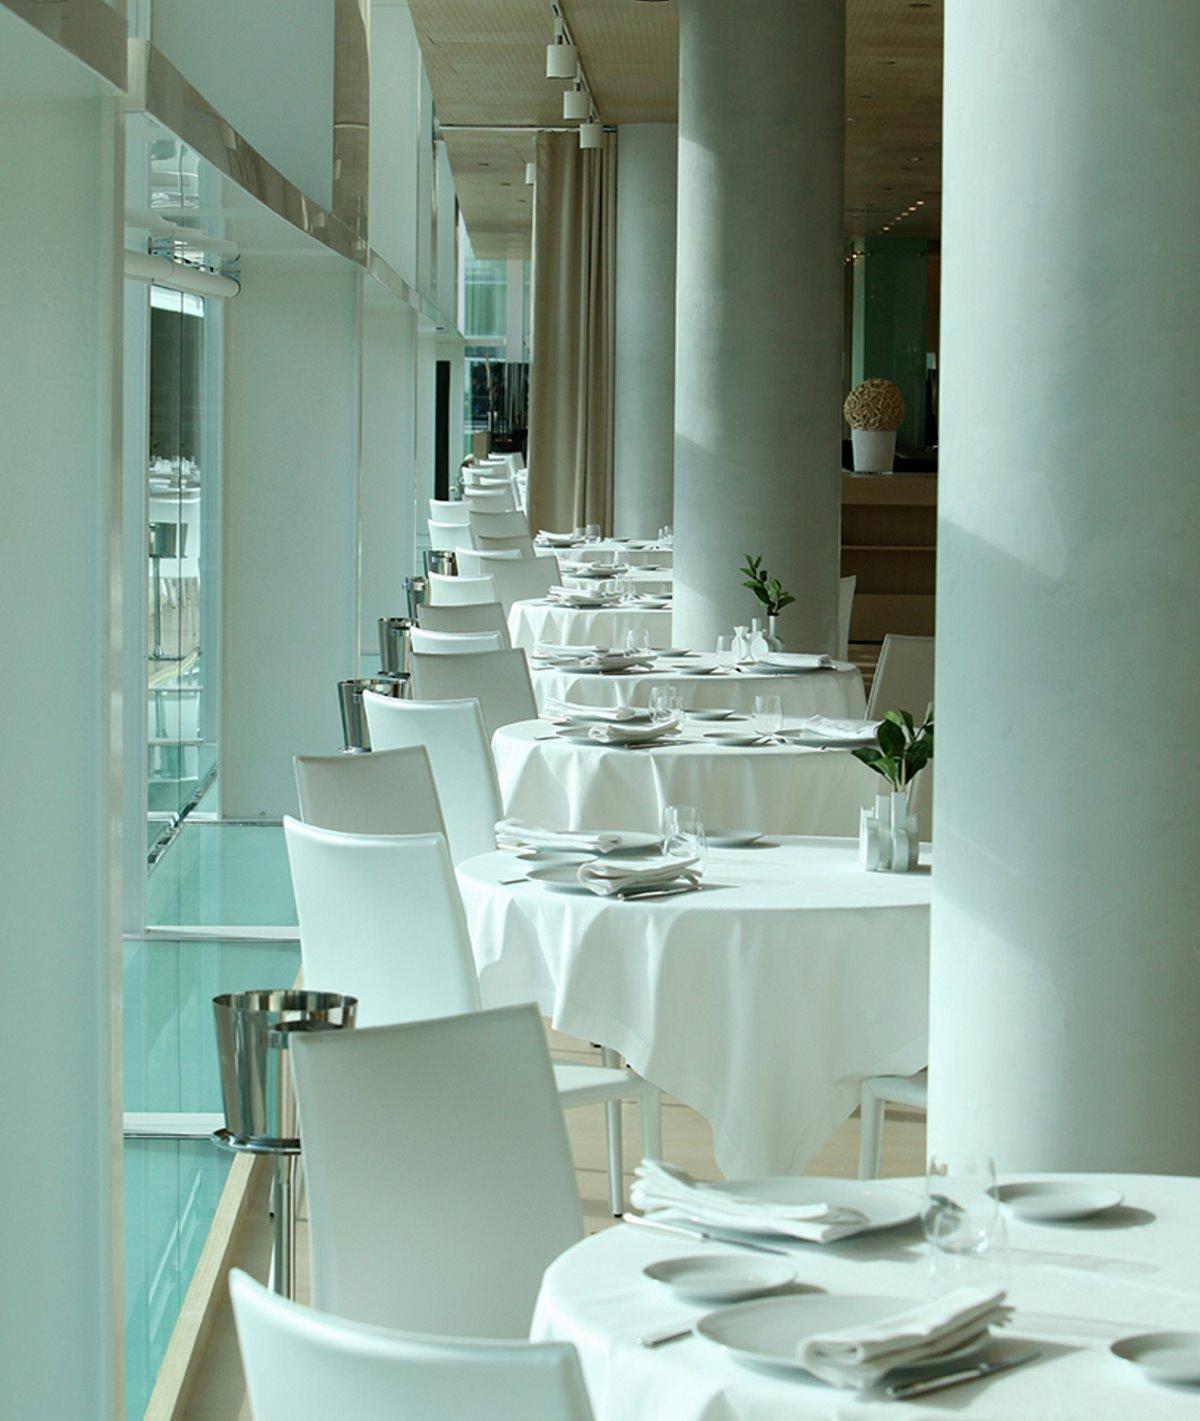 Εστιατόρια αεροδρομίων υψηλή μαγειρική και σεφ γνωστοί